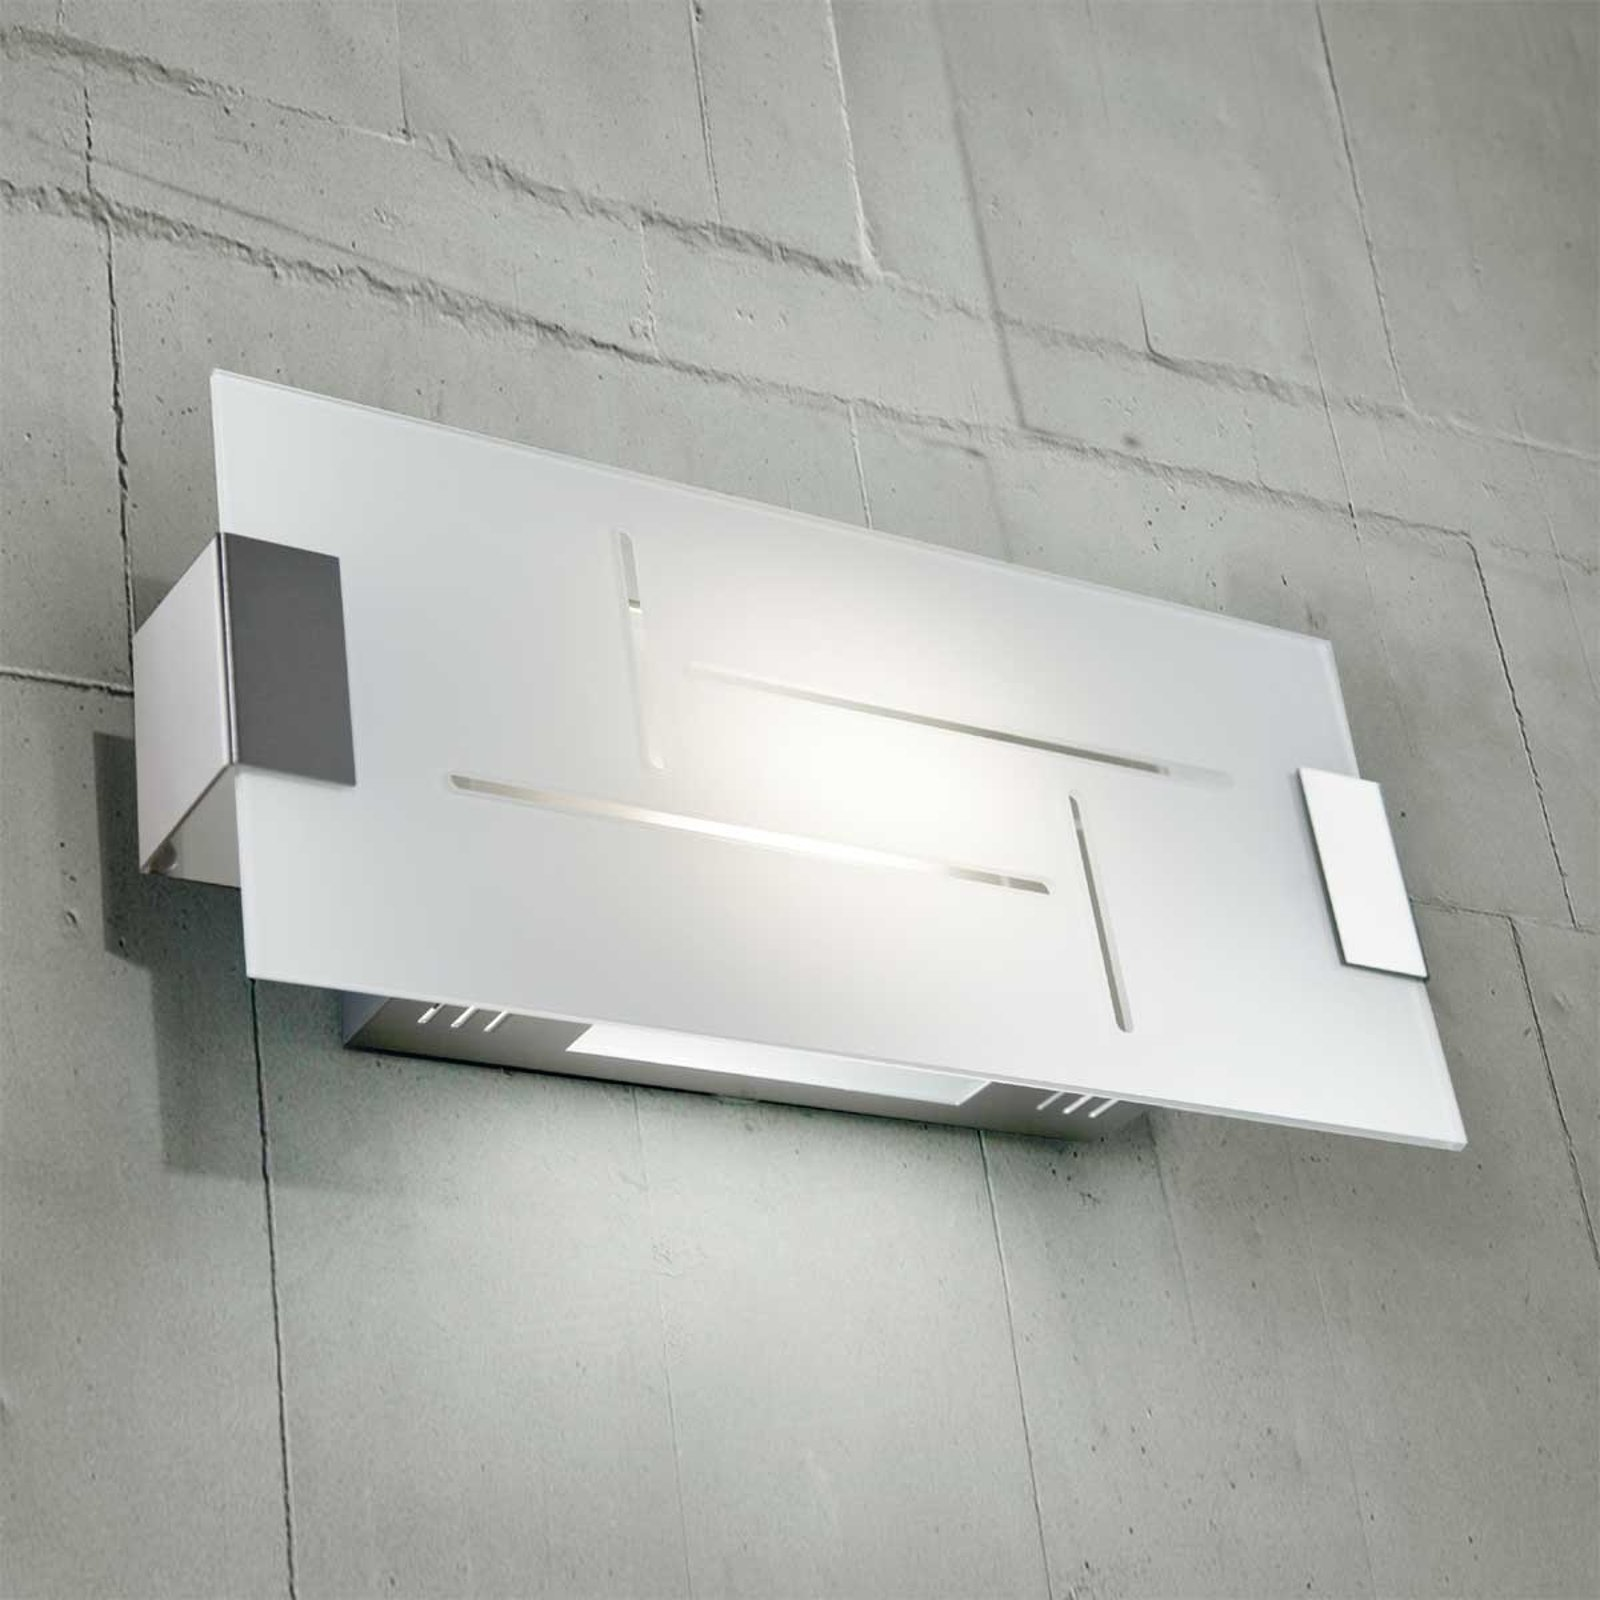 Flat taklampe SQUARE 8200